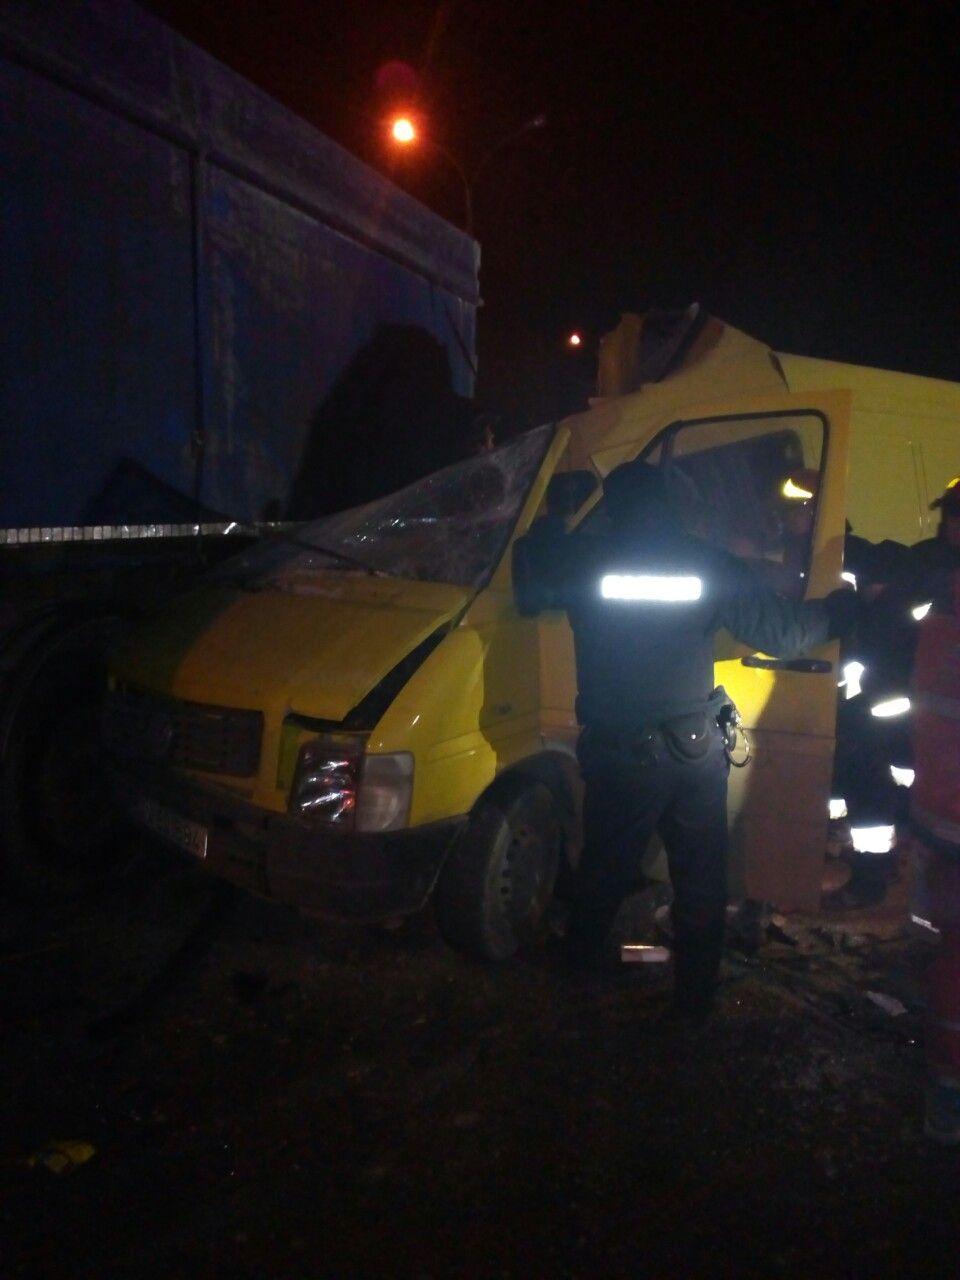 Фатальна поїздка: у Вінниці бус з людьми влетів в вантажівку (Фото)